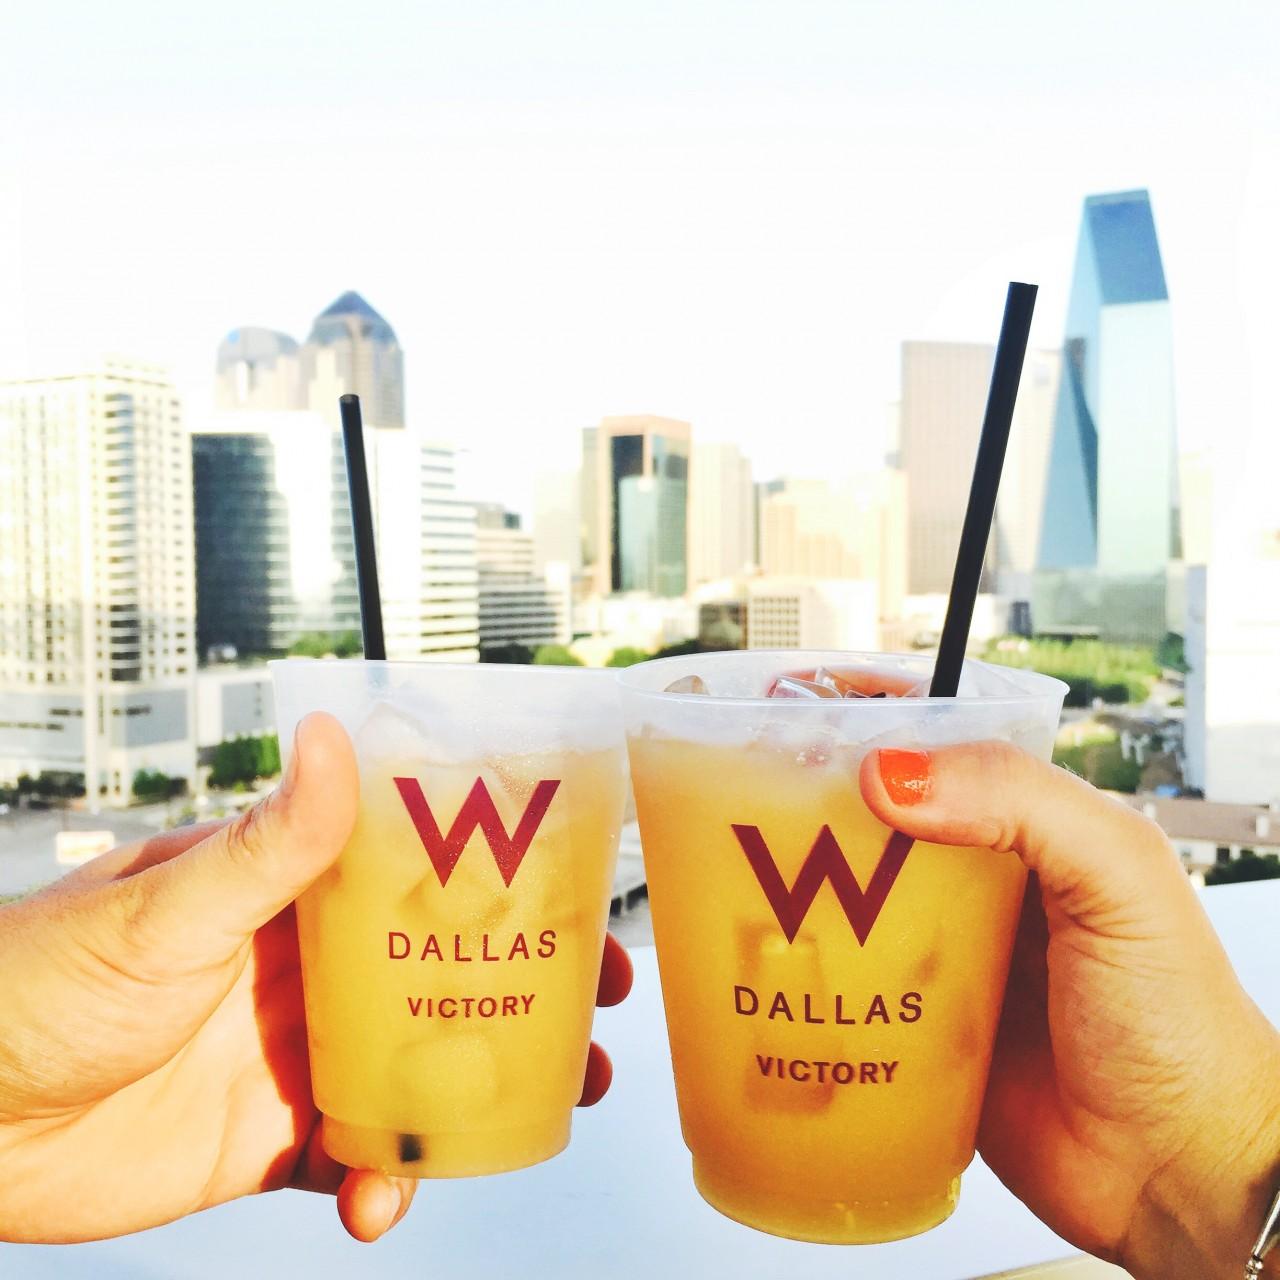 The W Hotel Dallas - Where to Stay in Dallas